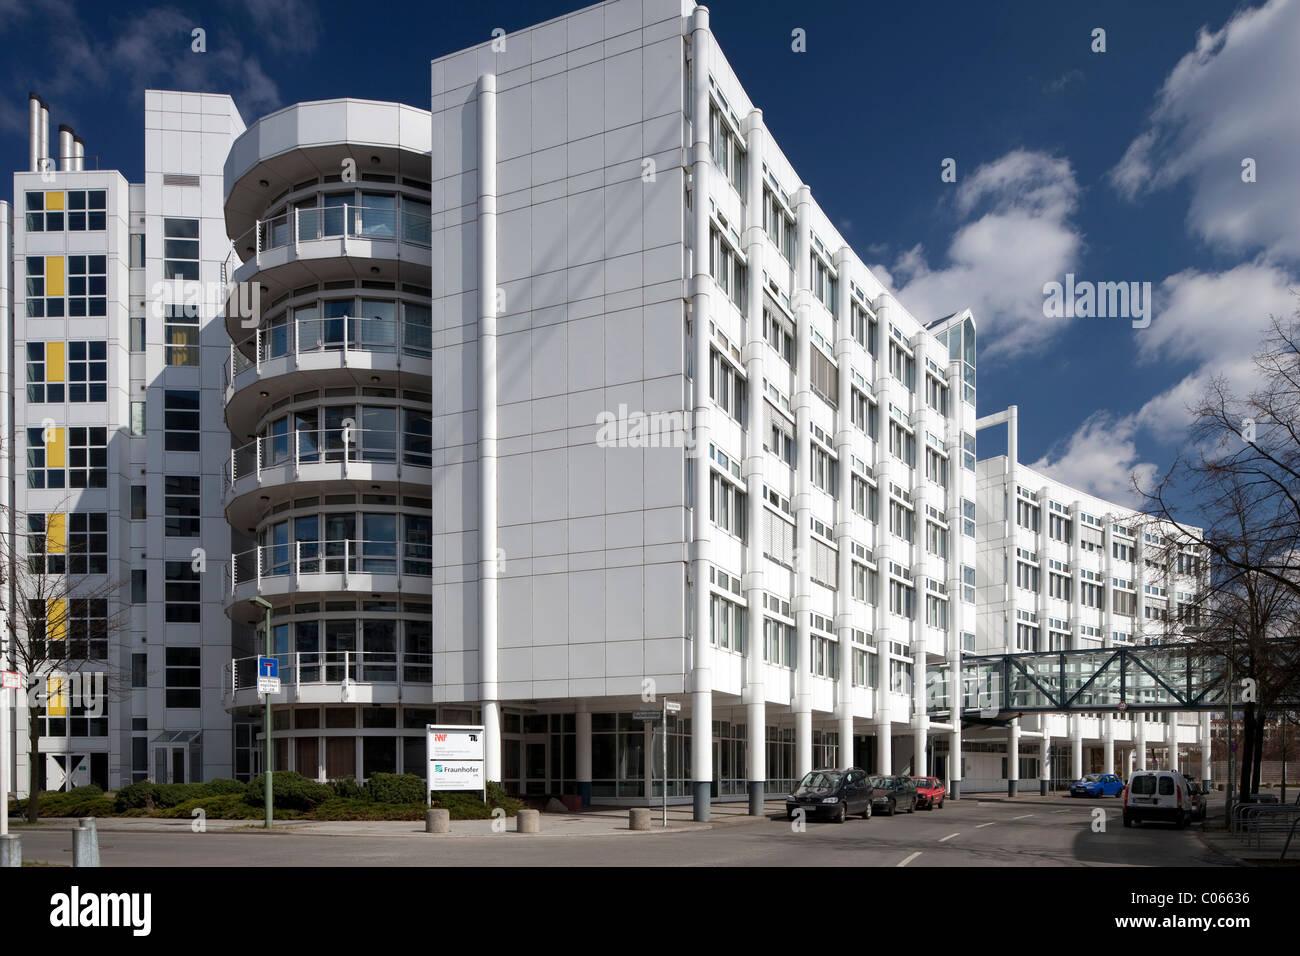 Fraunhofer-Institut für Produktionsanlagen und Designtechnologie, Charlottenburg, Berlin, Deutschland, Europa Stockbild